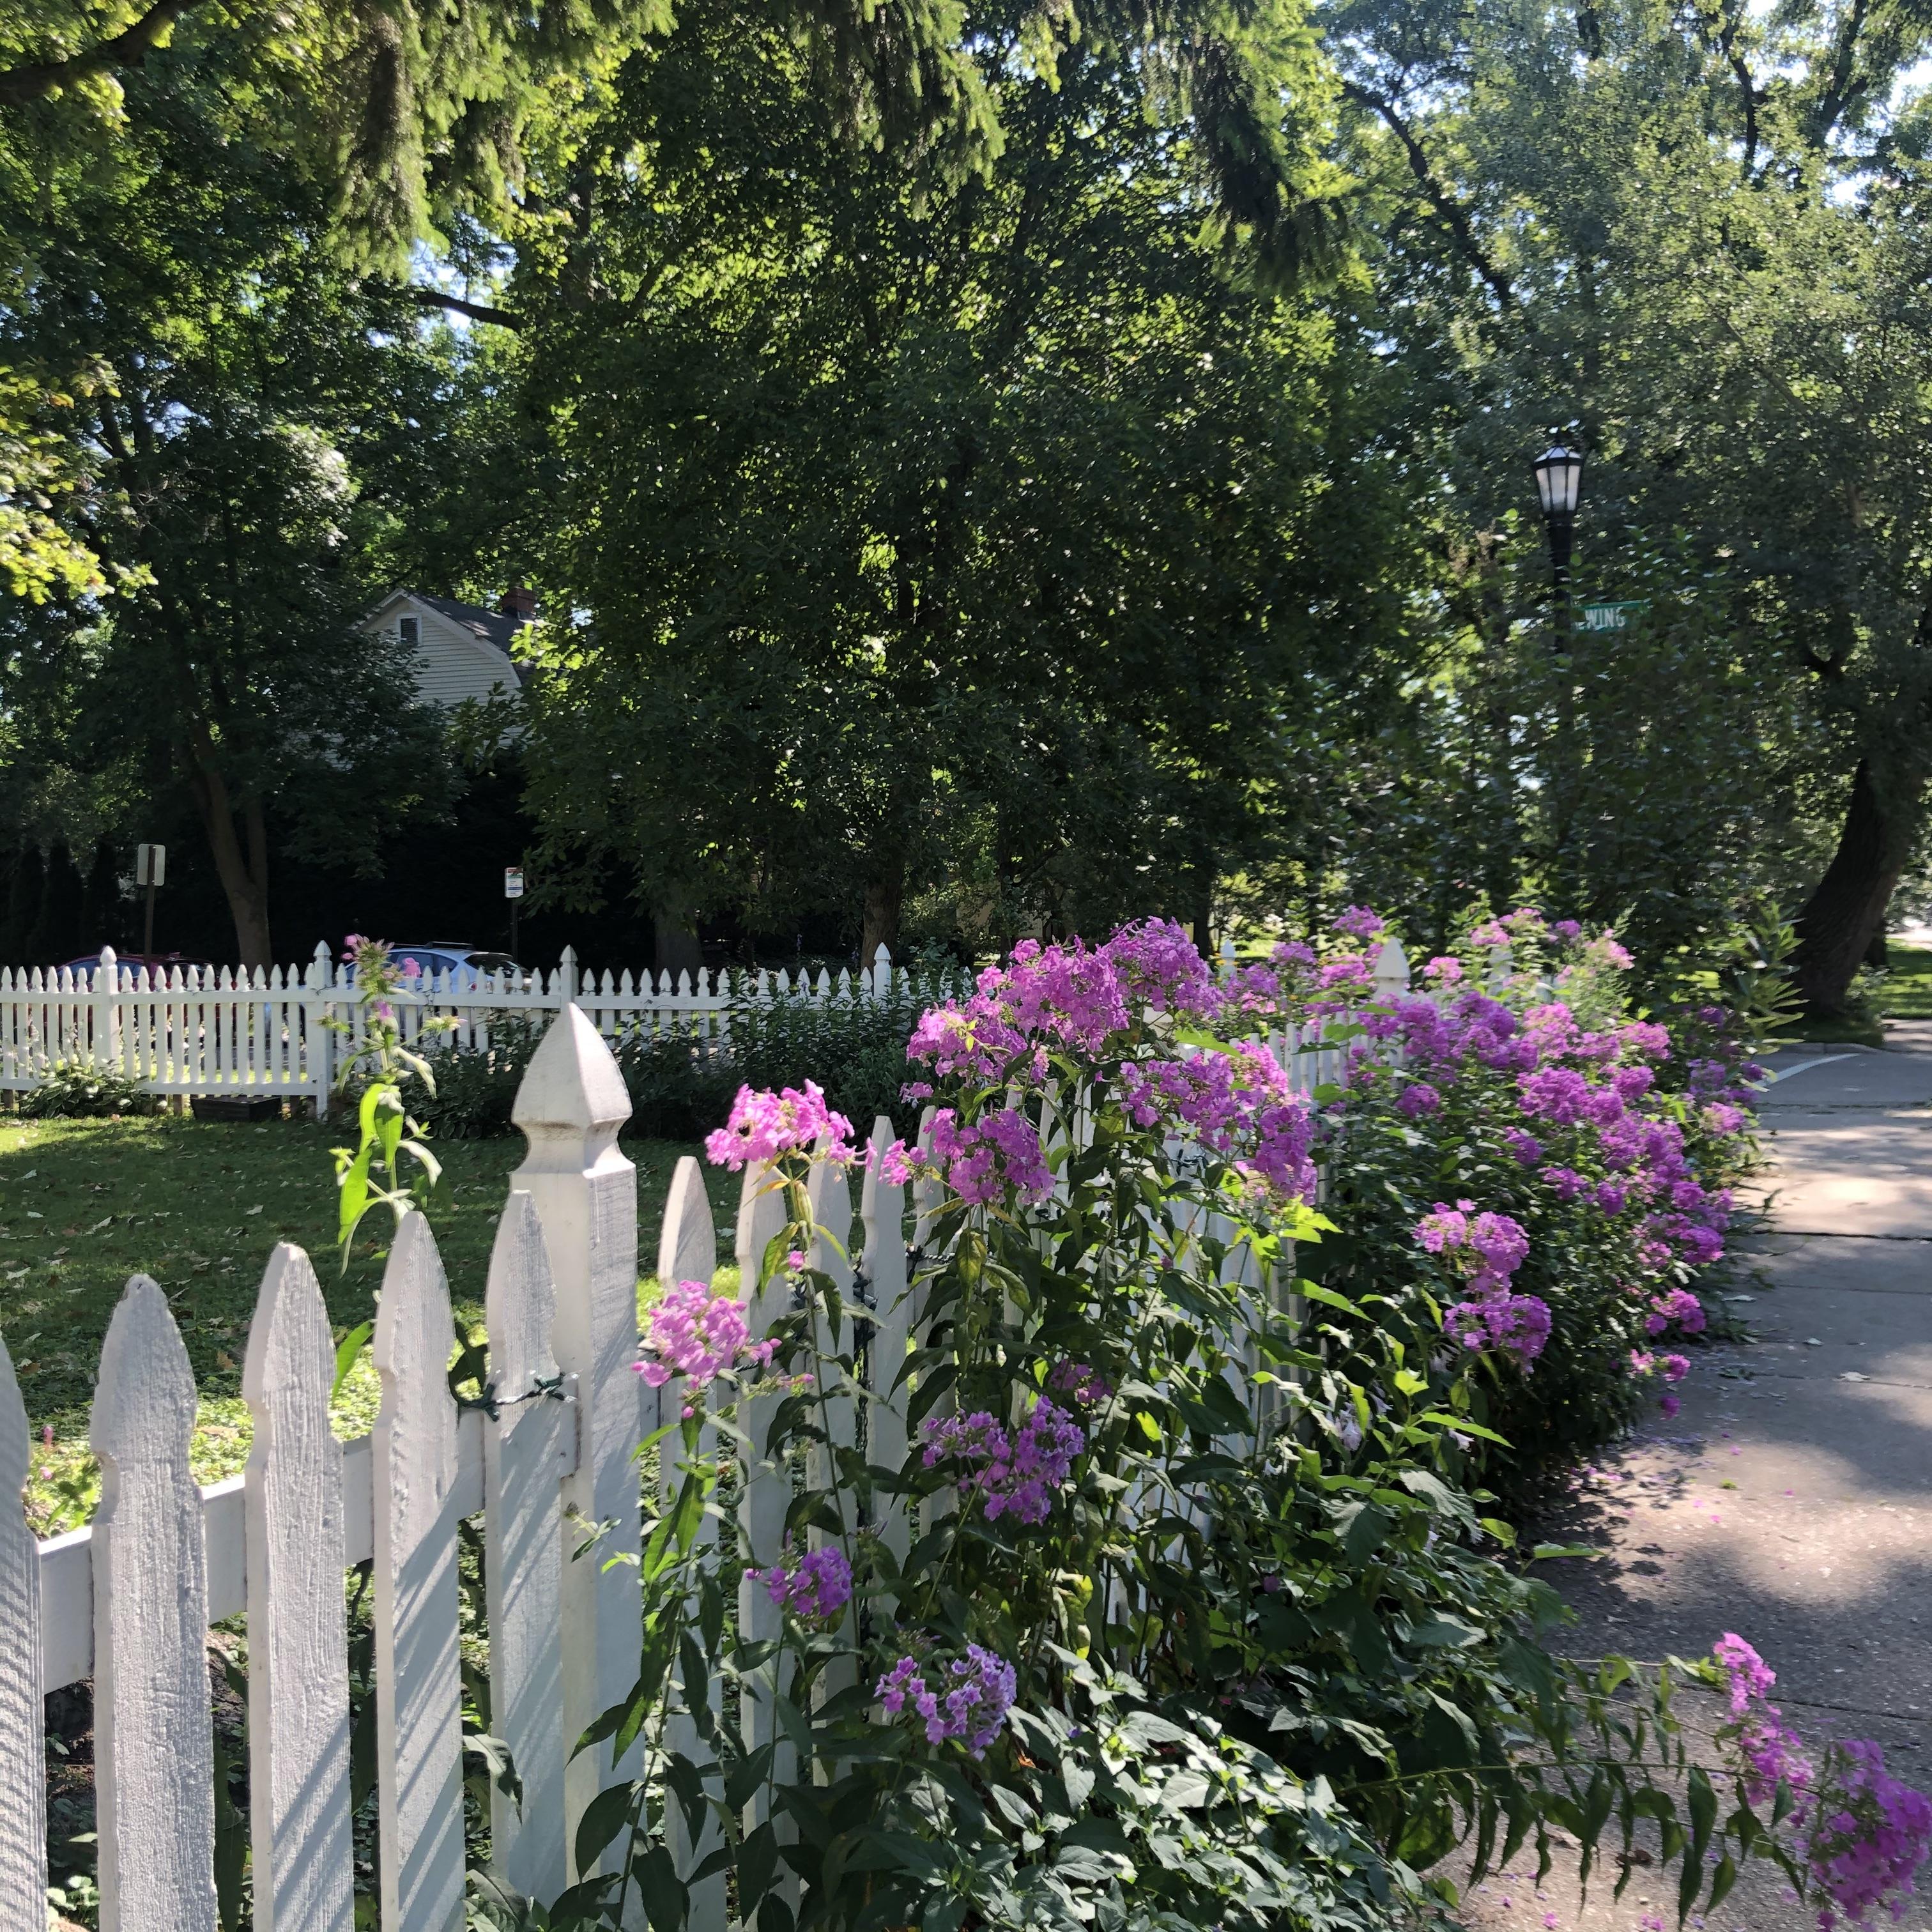 Neighborhood beauty